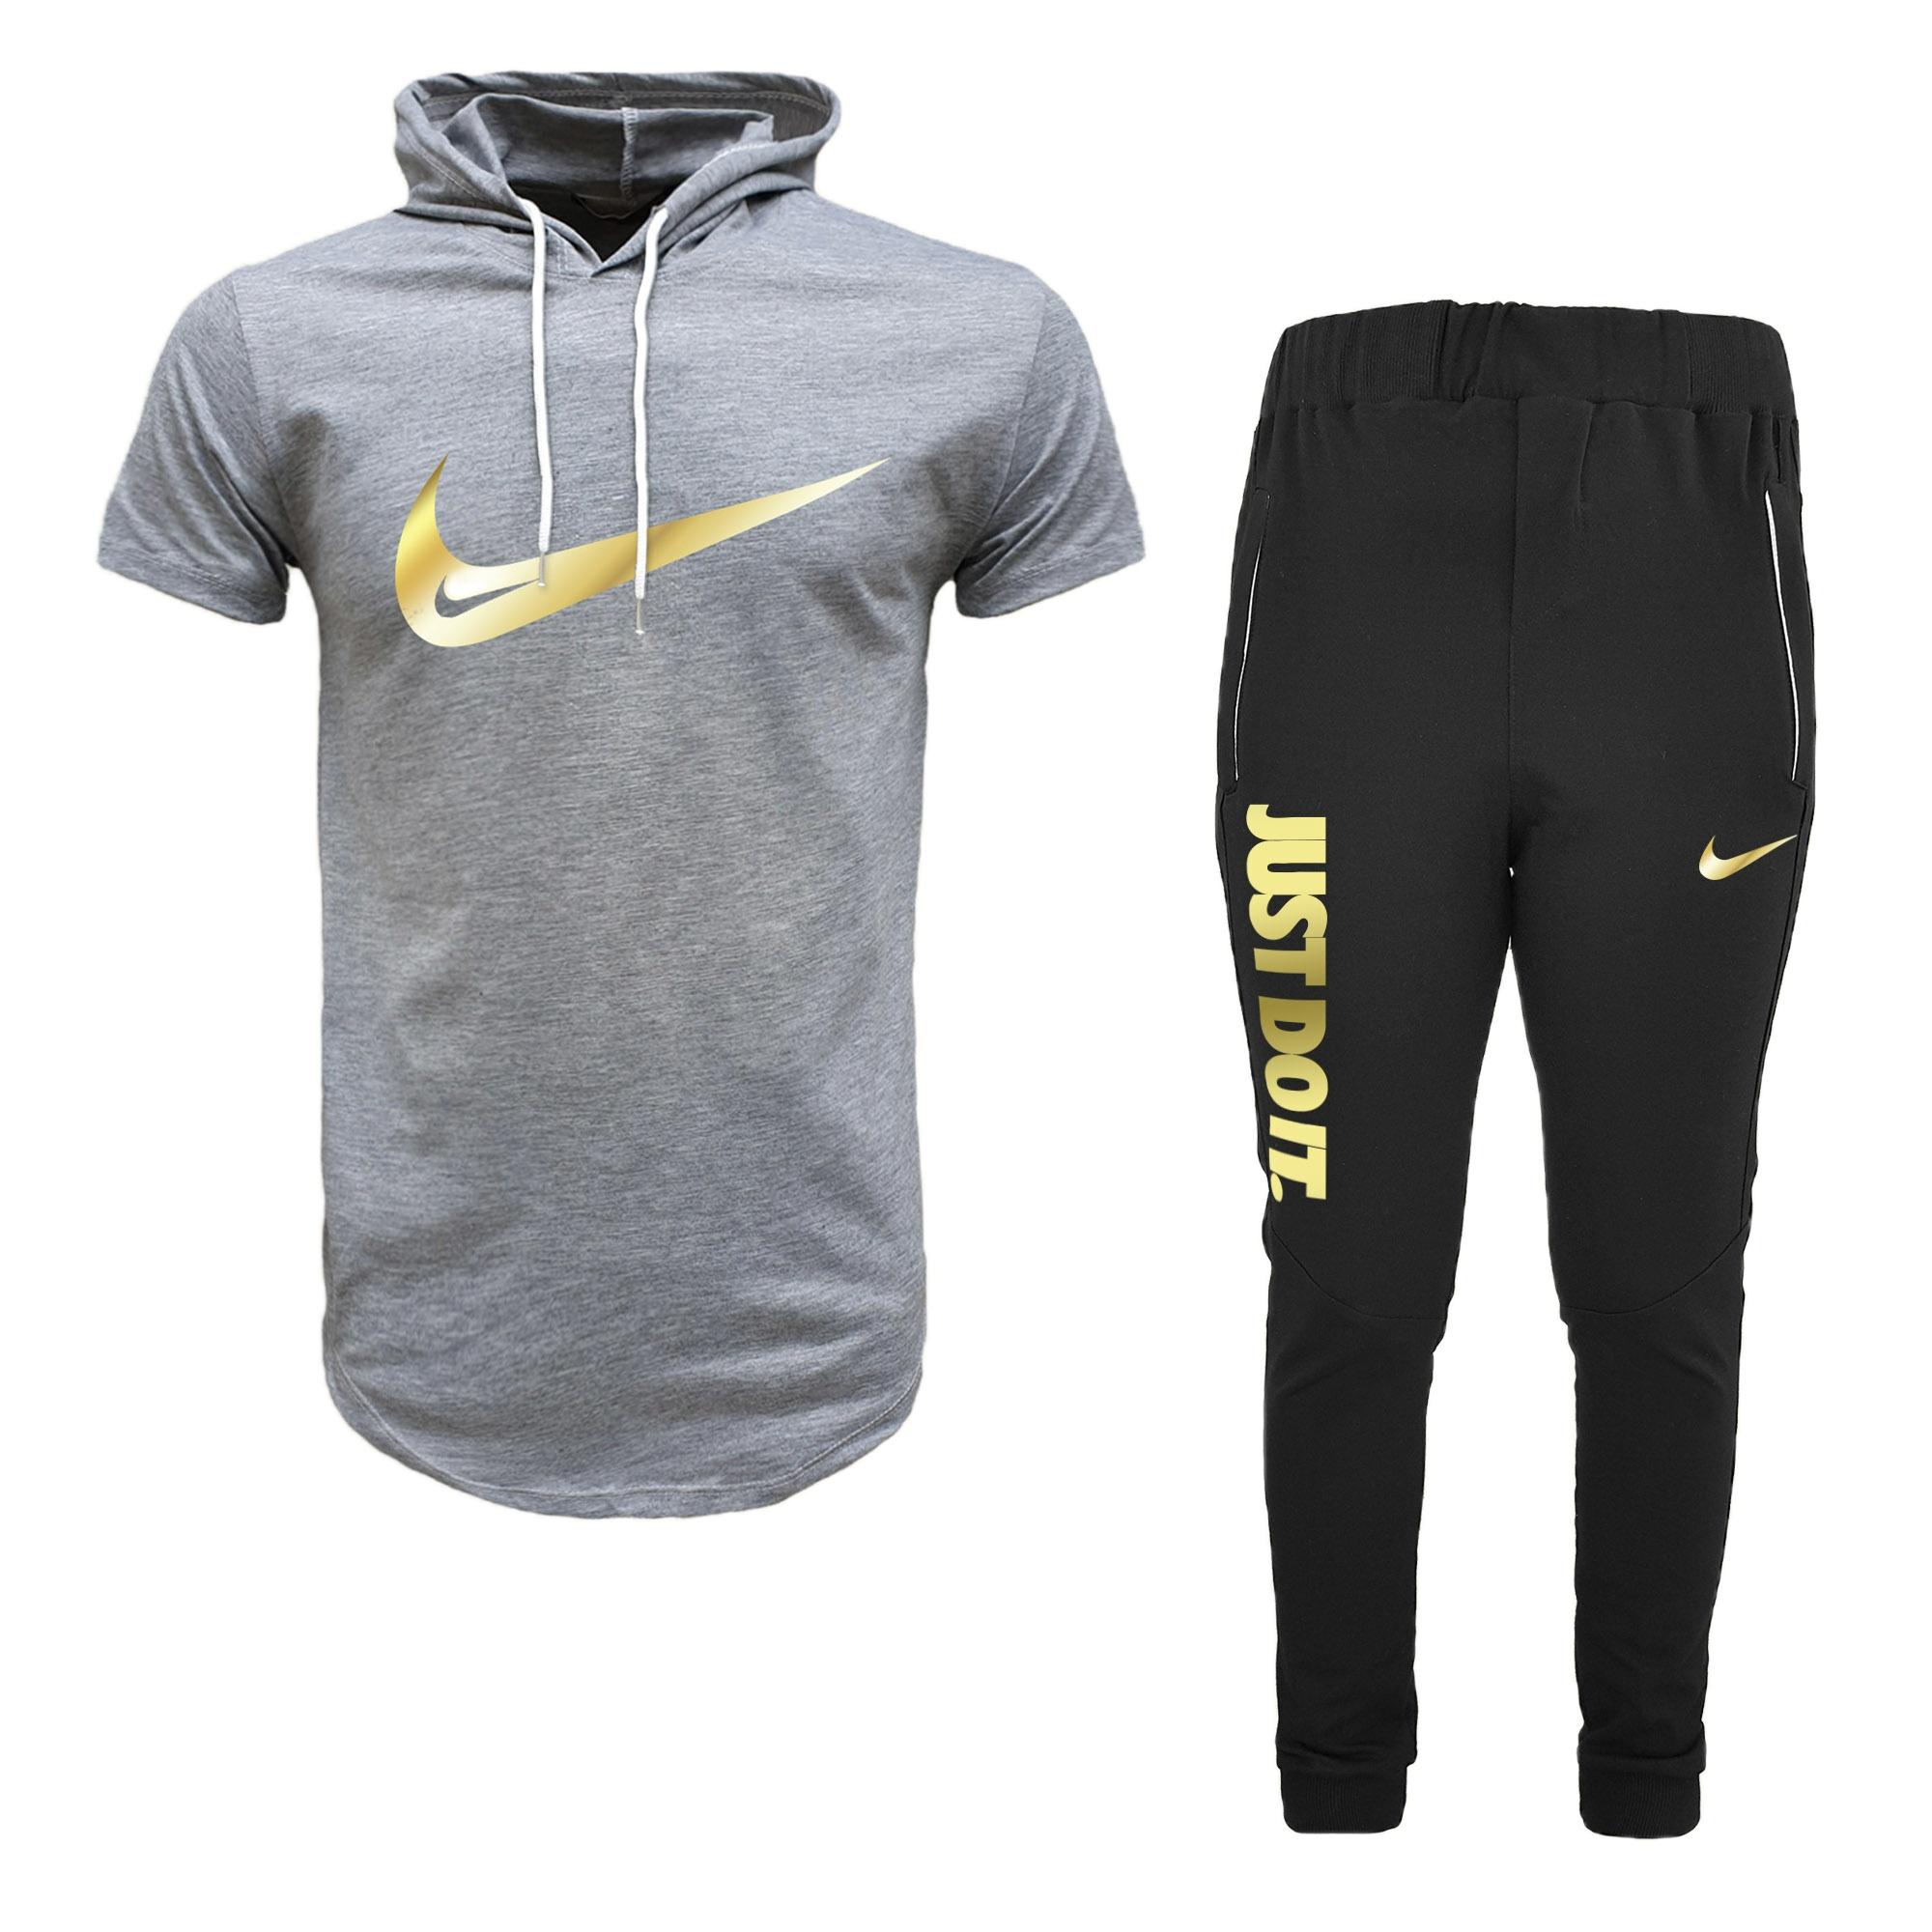 ست تی شرت و شلوار ورزشی مردانه مدل 912023